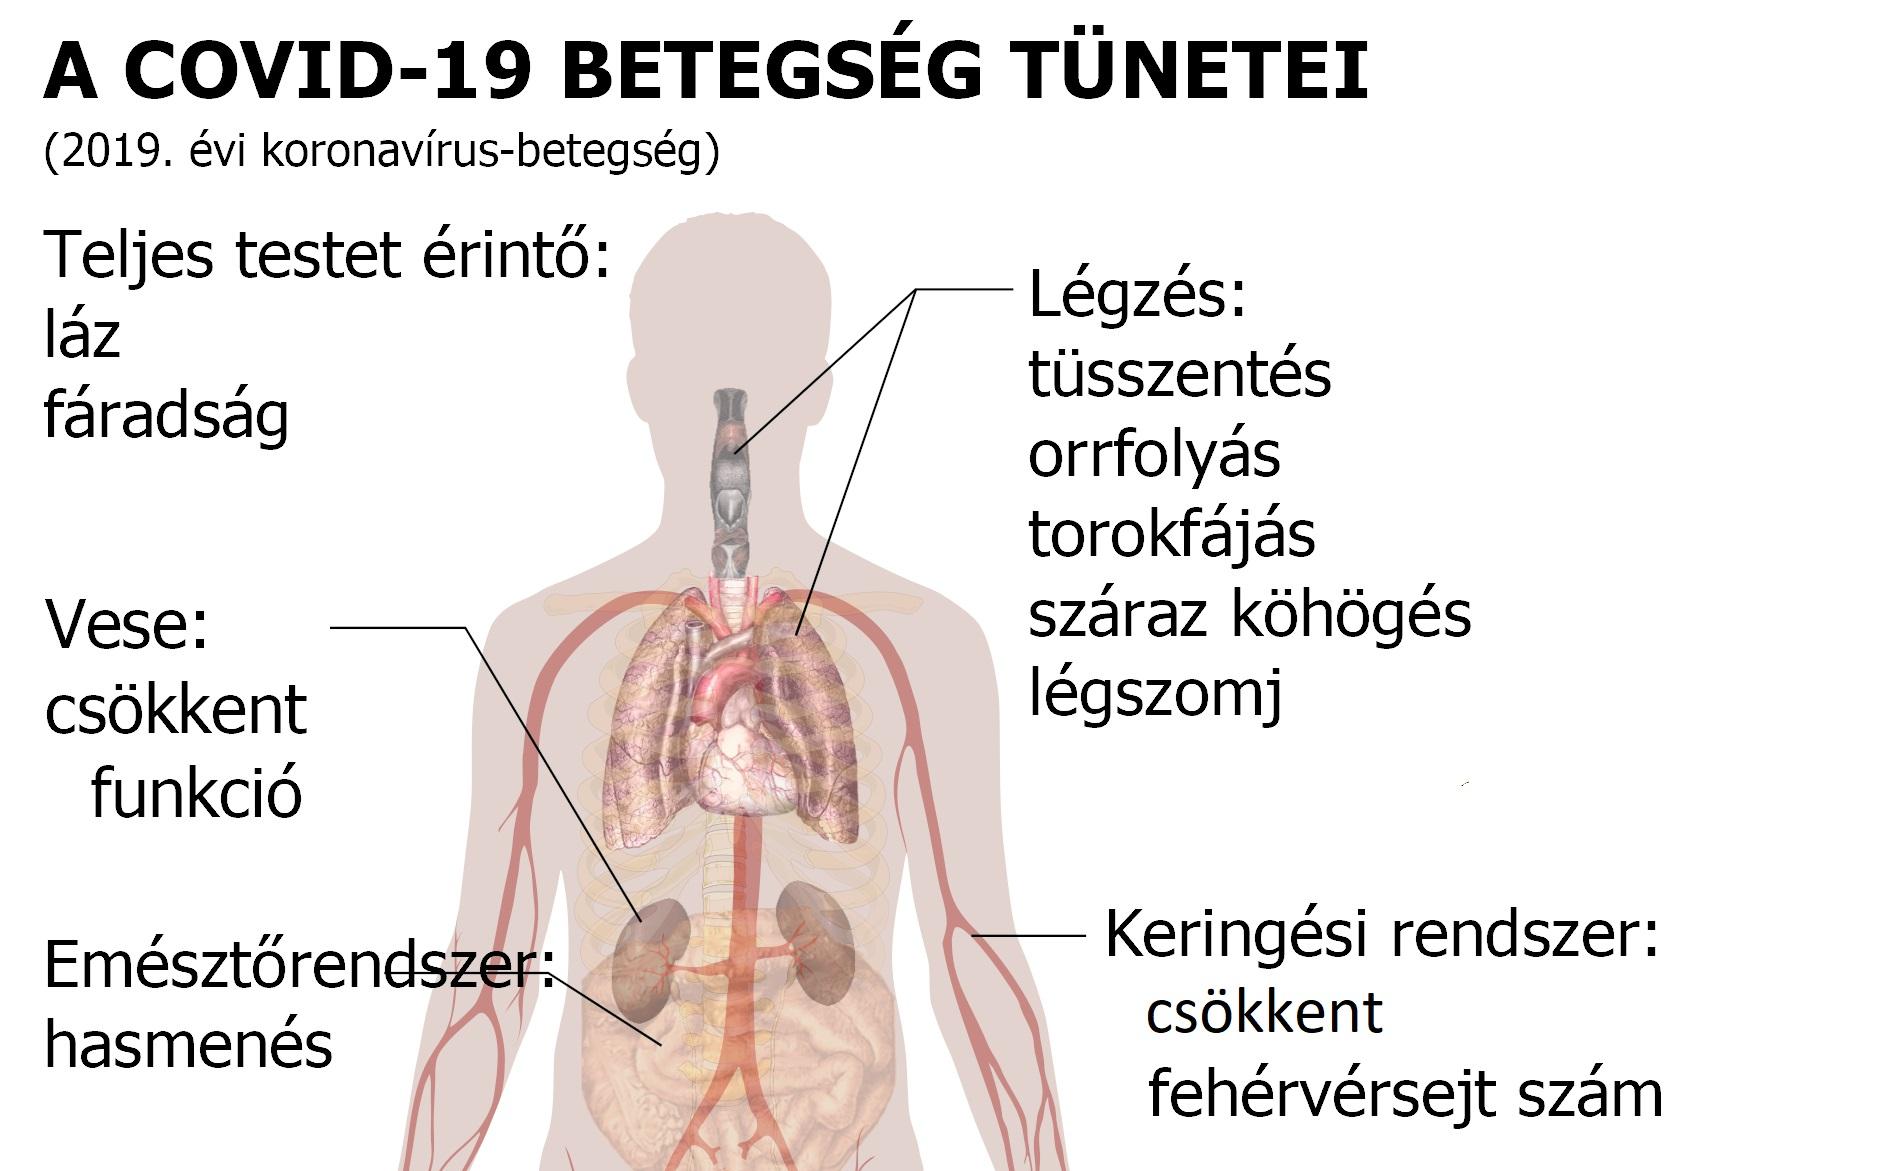 légzési technika magas vérnyomás esetén